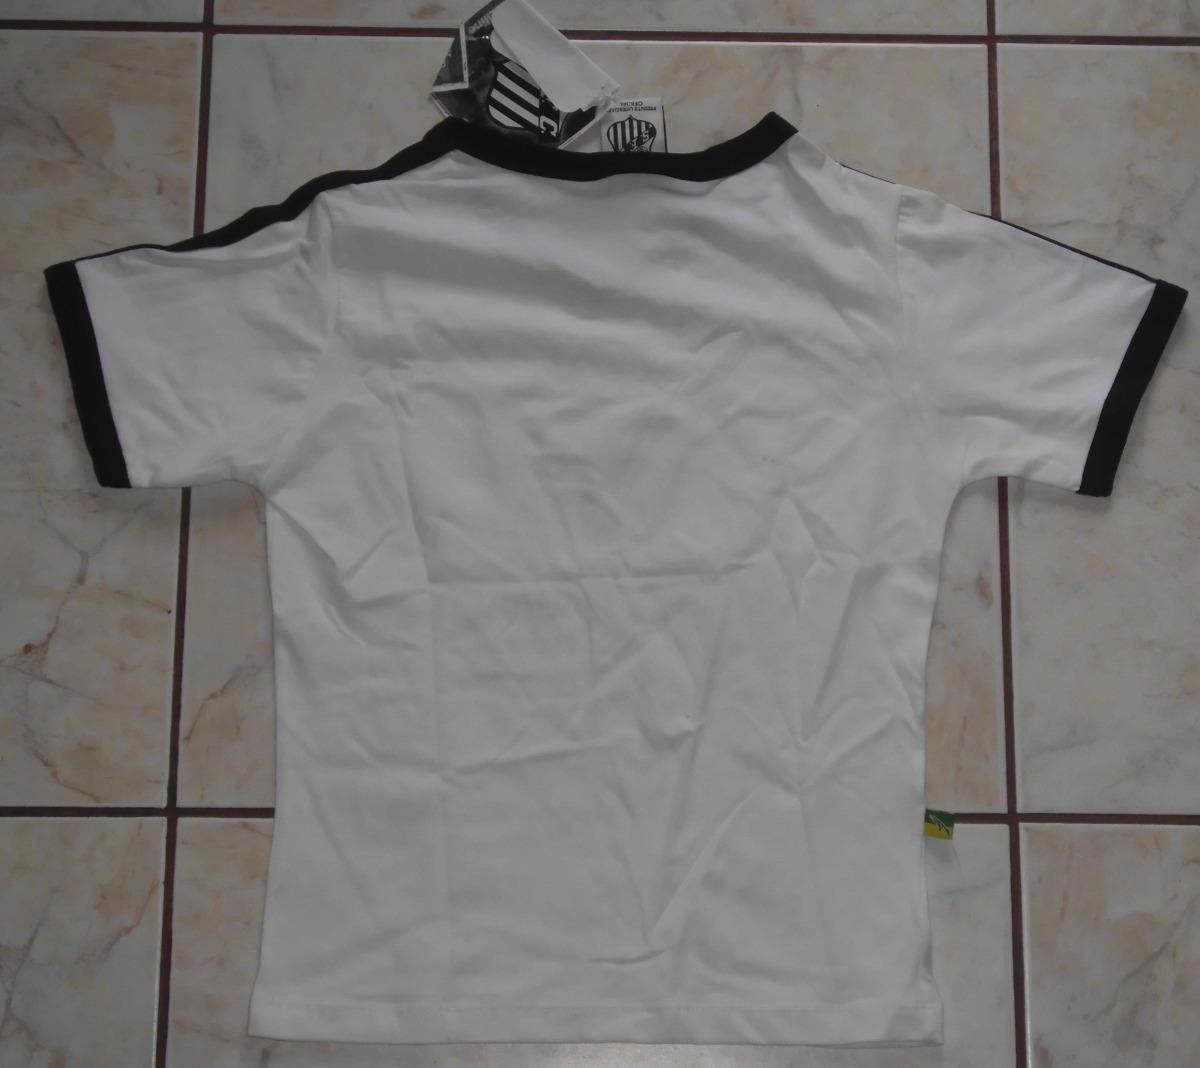 camisa infantil santos fc. - oficial - sem uso. Carregando zoom. 89e2279a63909